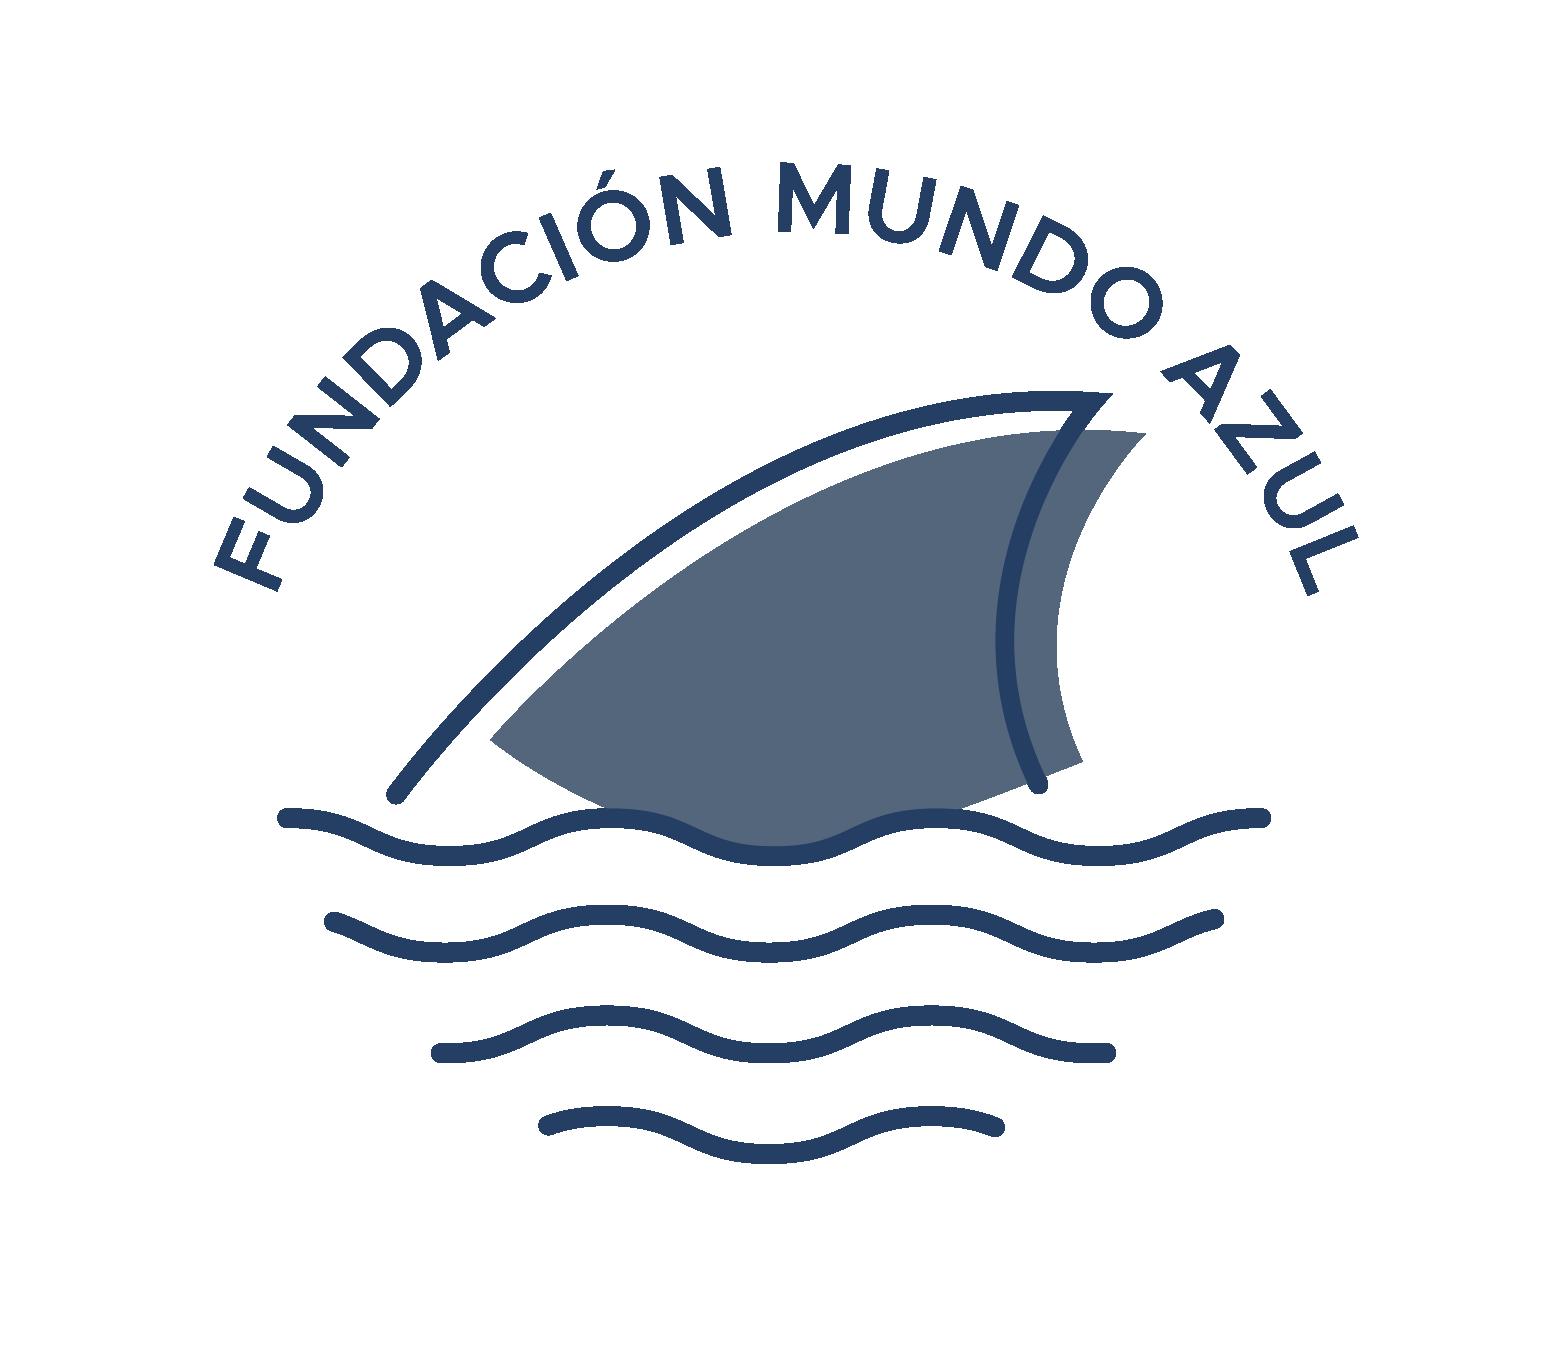 Fundación Mundo Azul